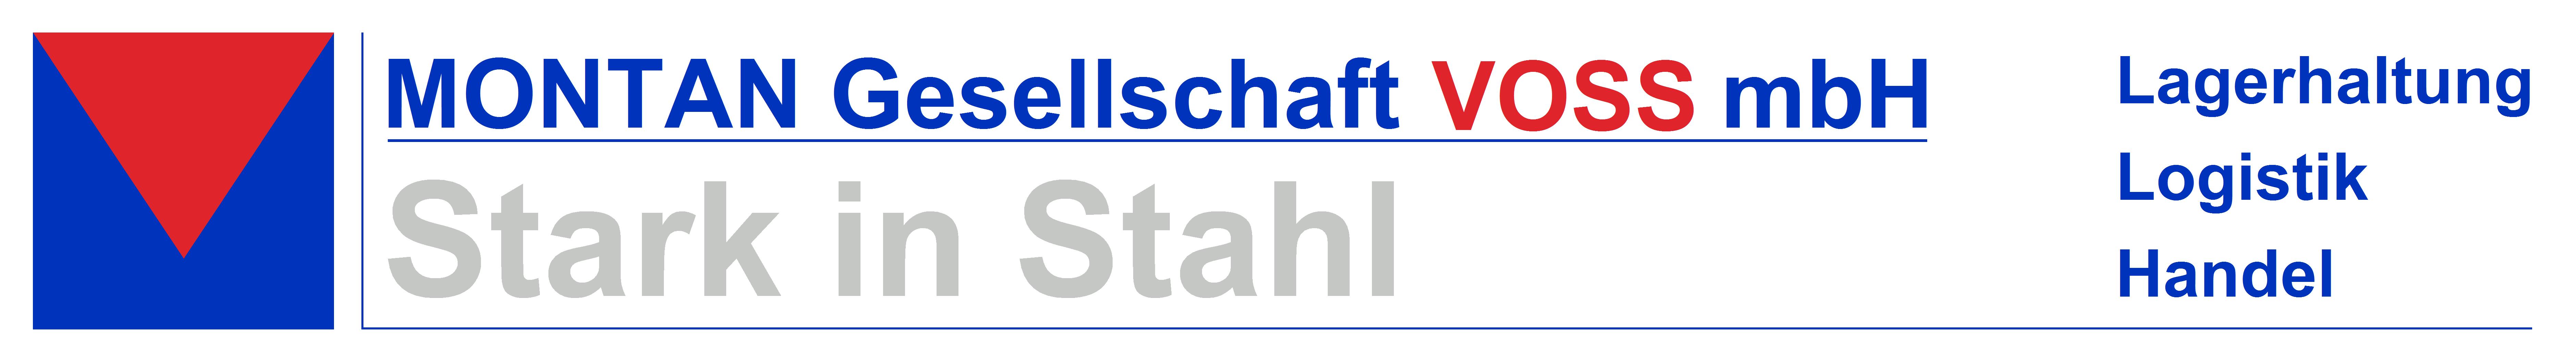 Bankverbindung Montan Gesellschaft Voss Mbh Stark In Stahl